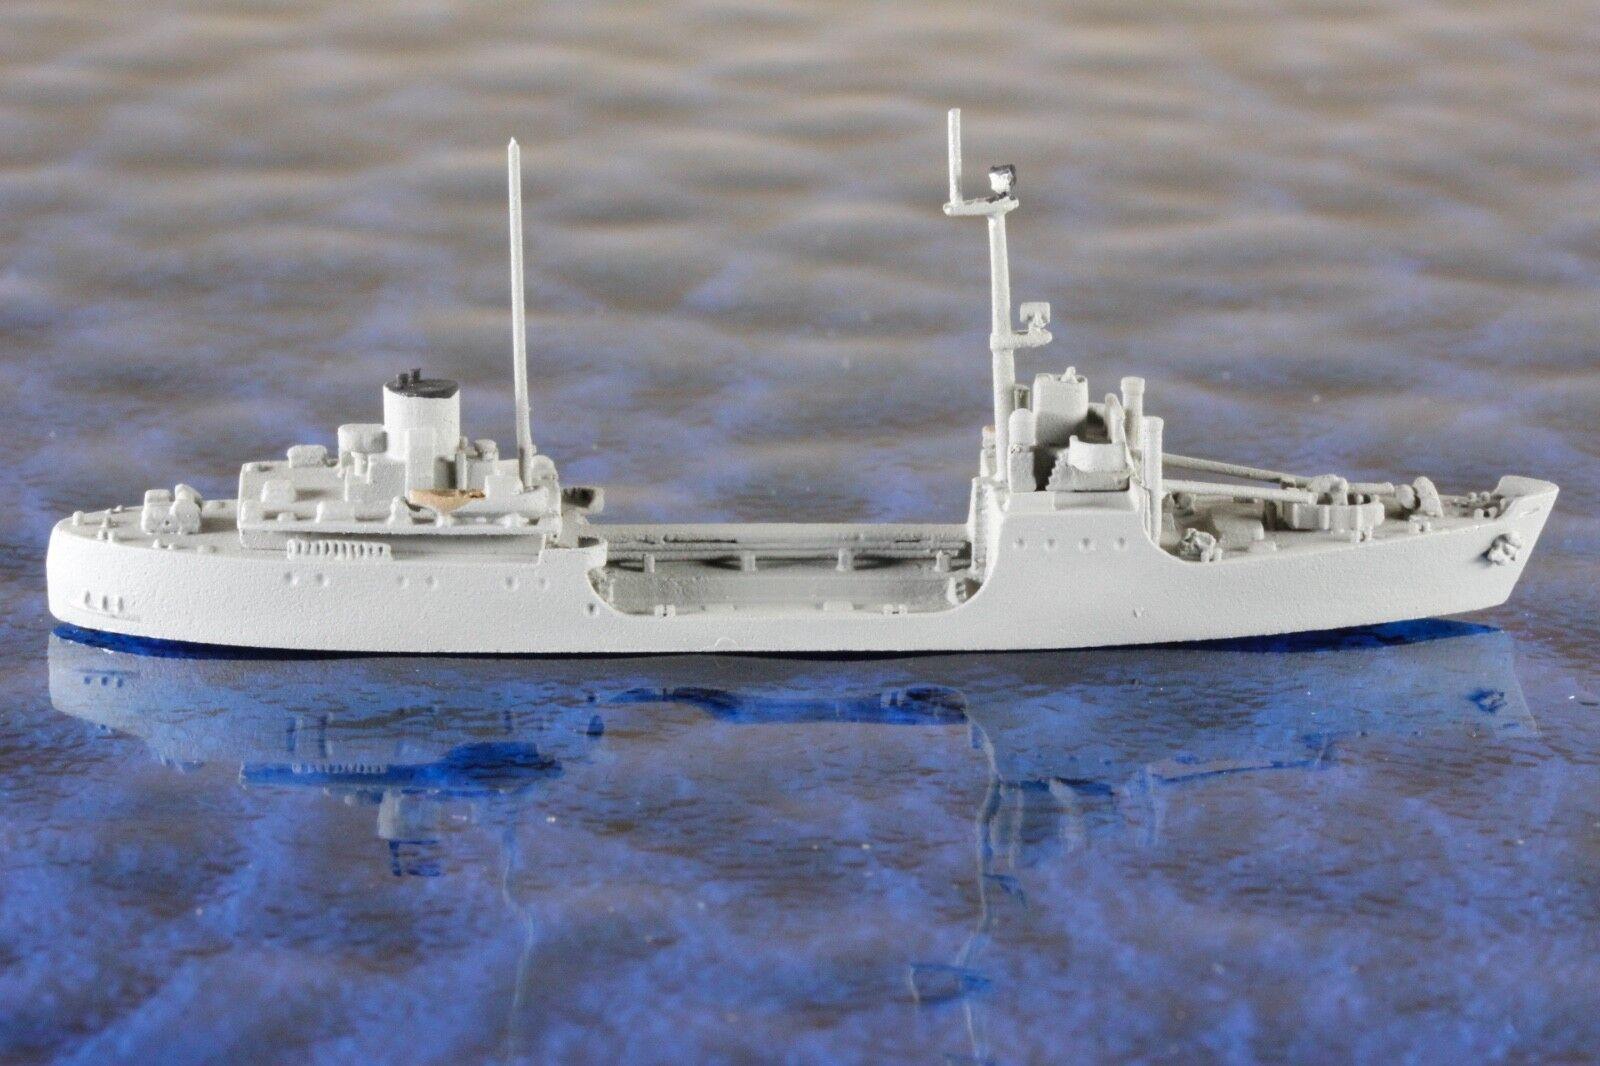 Chewaucan Fabricant Trident ALPHA 10259, 1 1250 vaisseau Modèle